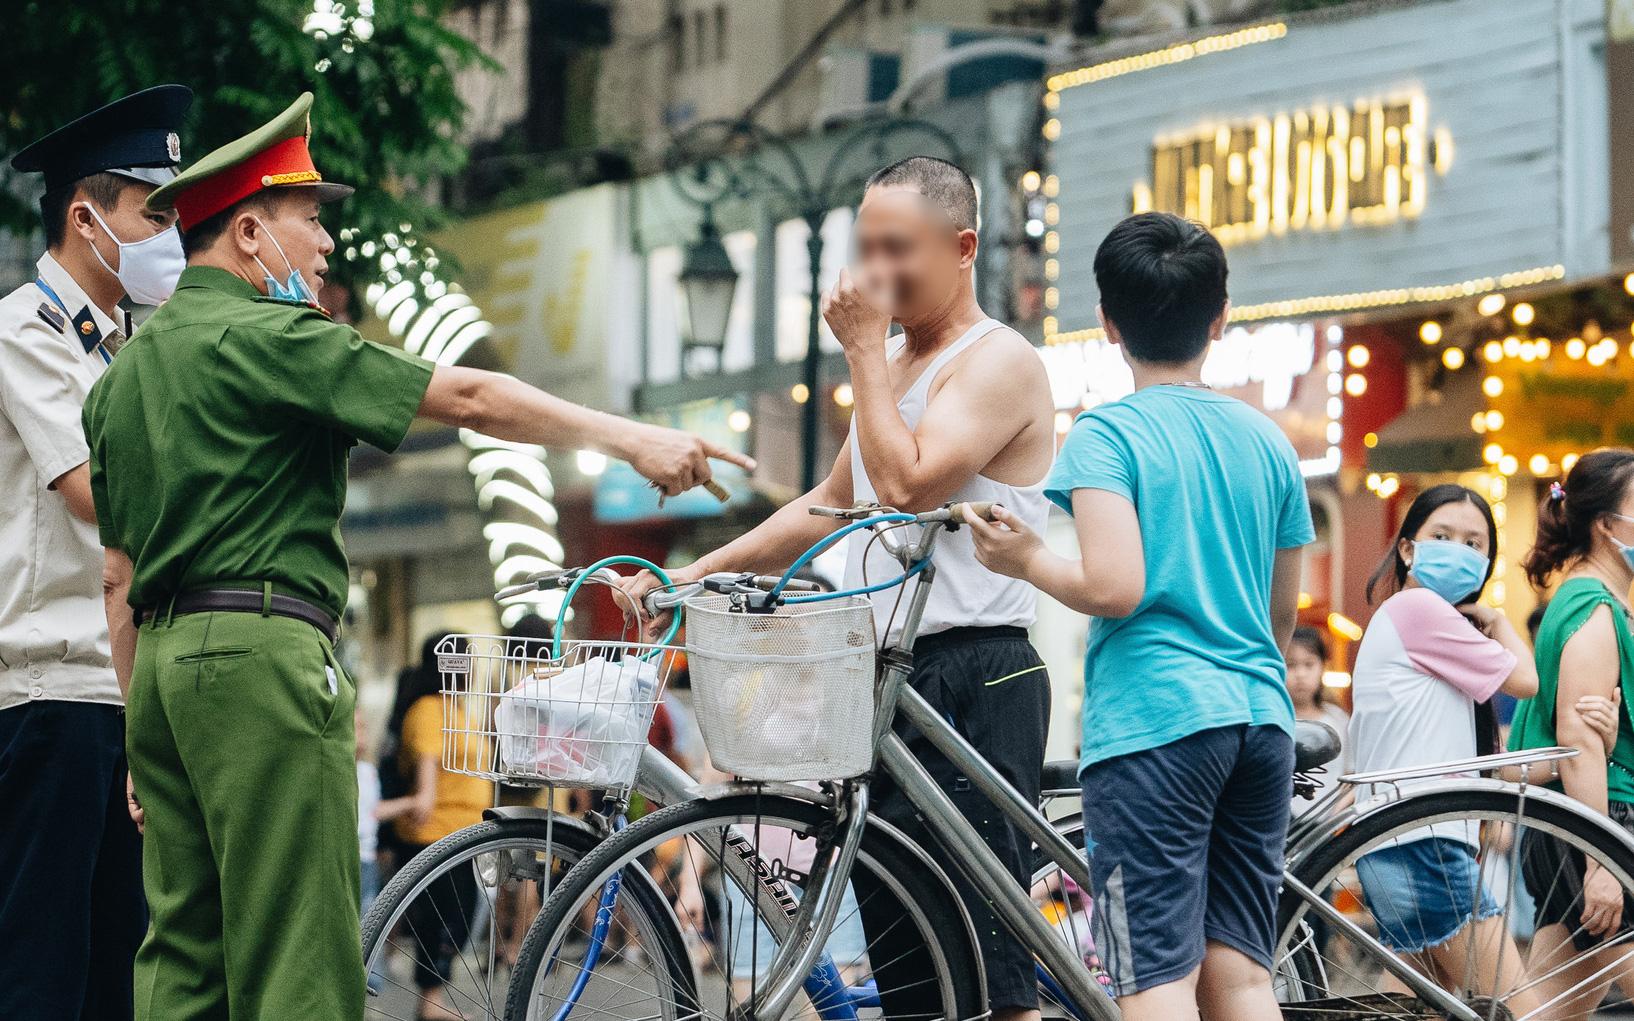 Lực lượng chức năng tăng cường nhắc nhở người dân không được đạp xe ở phố đi bộ sau vụ việc cụ bà bị thiếu niên tông nguy kịch